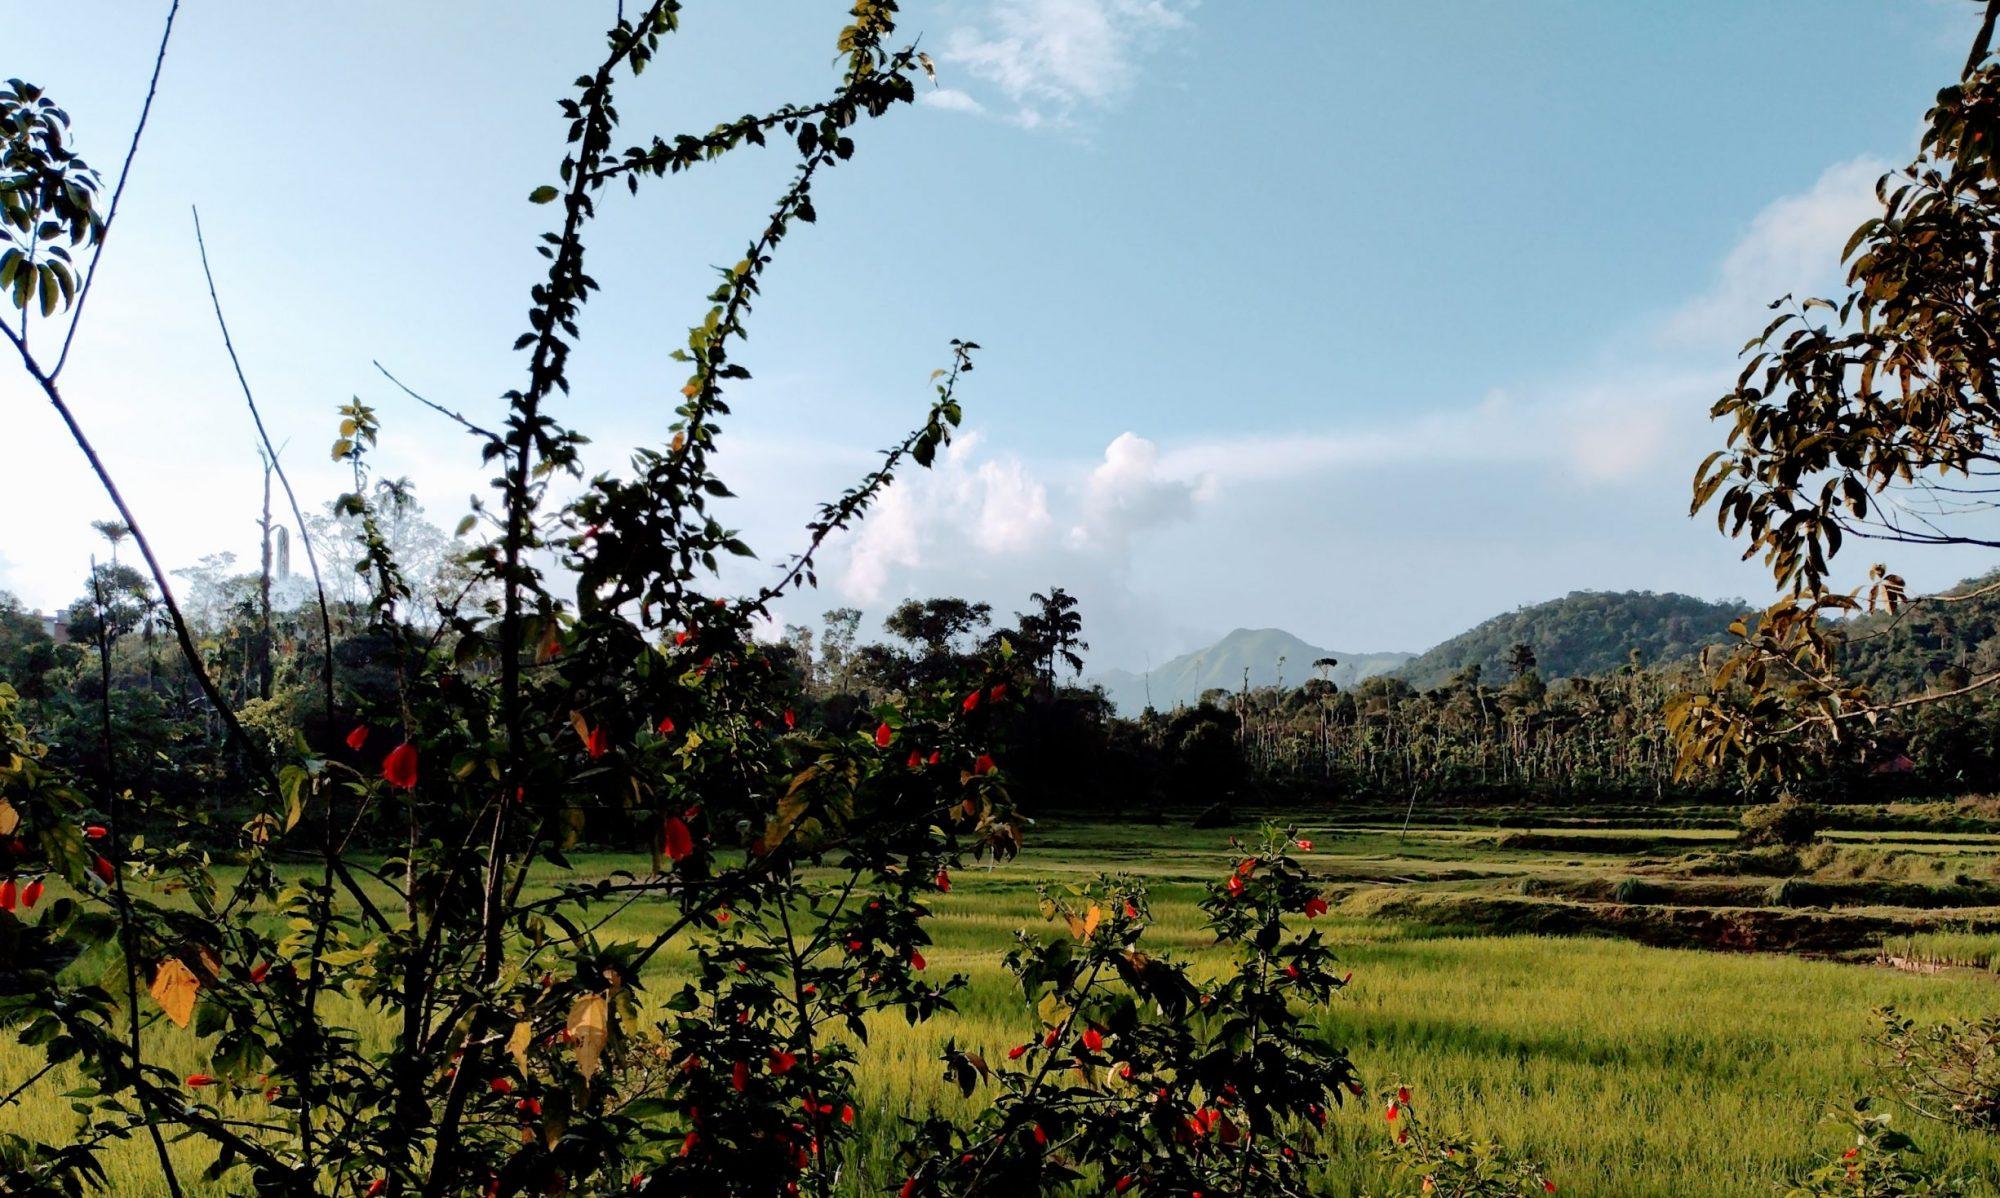 The Linger Farm, Chettimani